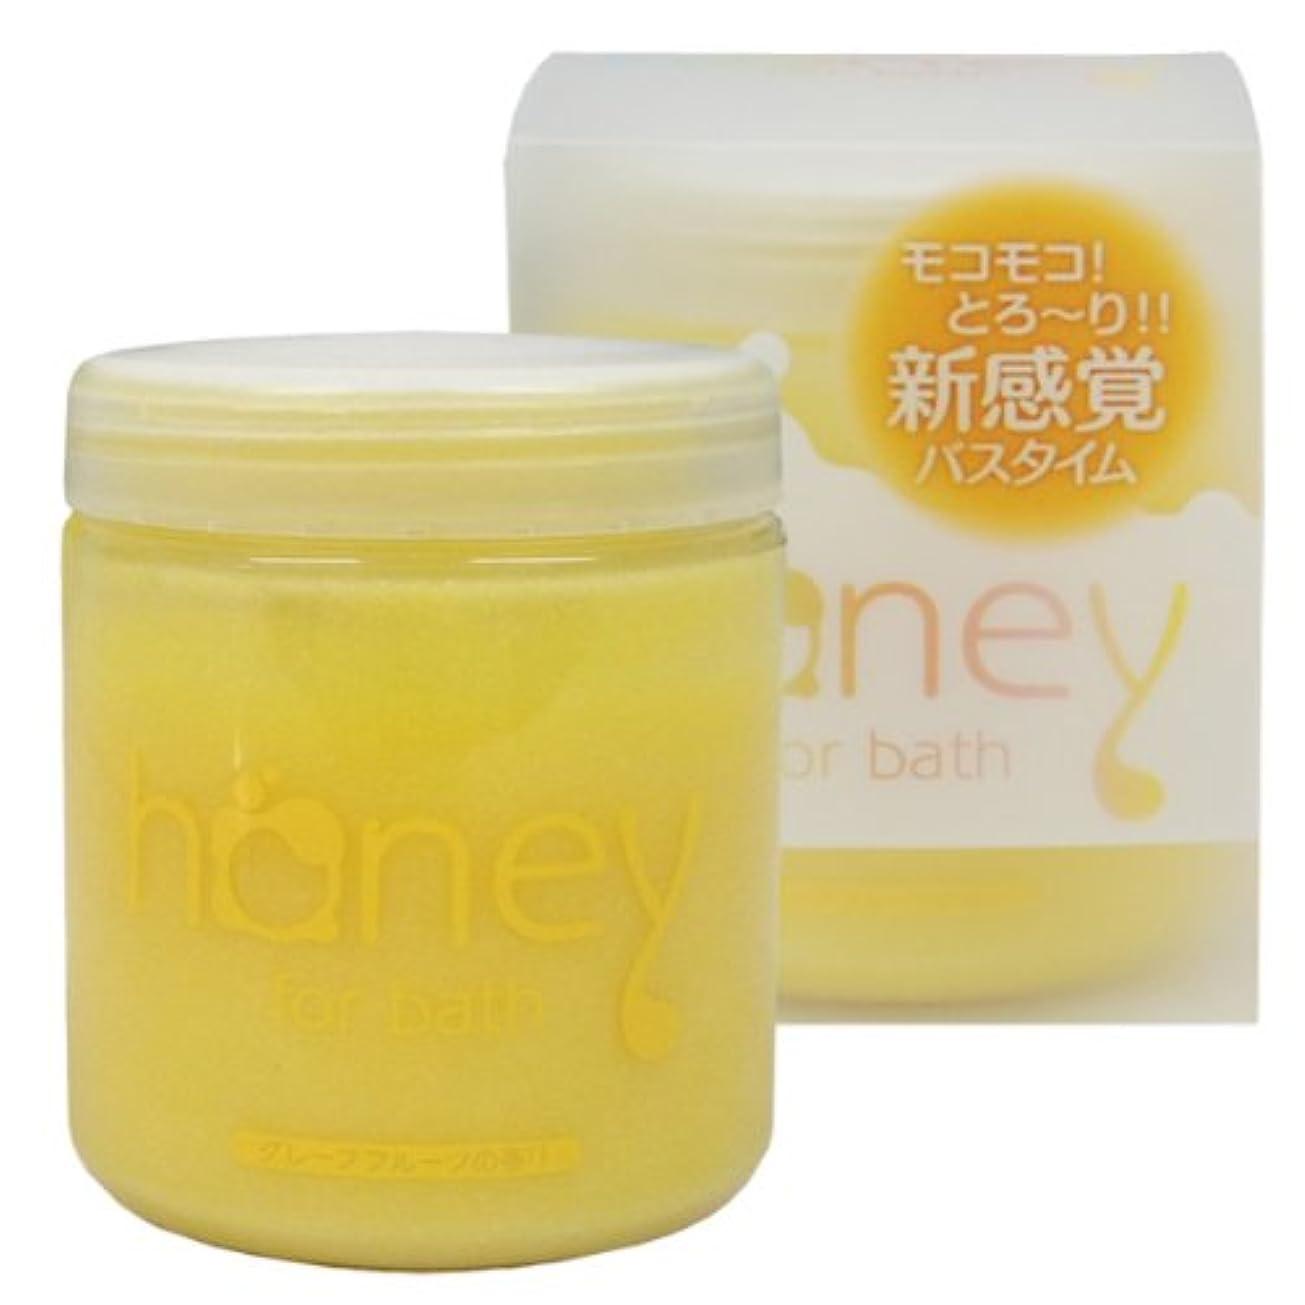 メディカル贅沢なビクターとろとろ入浴剤【honey】(ハニー) イエロー グレープフルーツの香り 泡タイプ ローション バブルバス